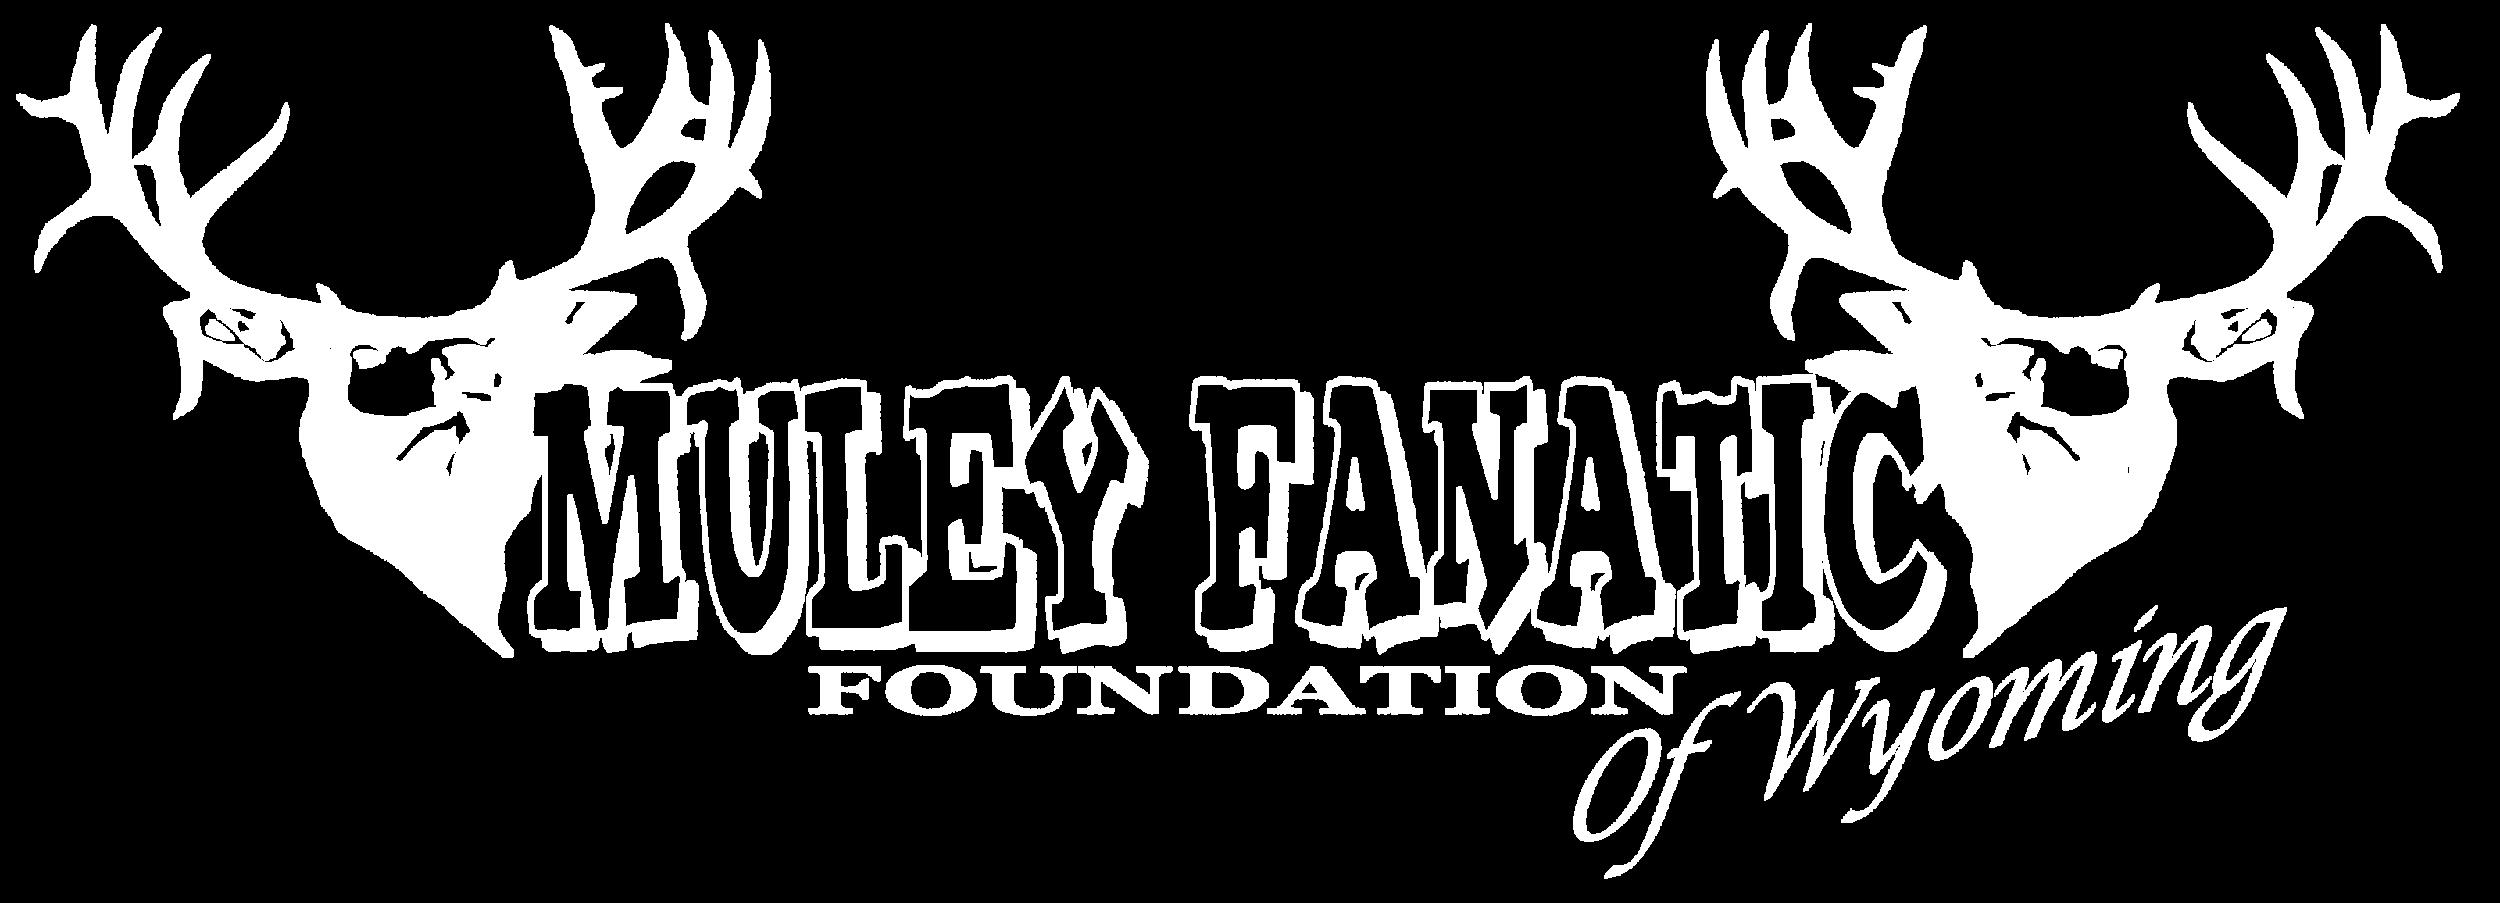 muley-fanatic-foundation-logo.png